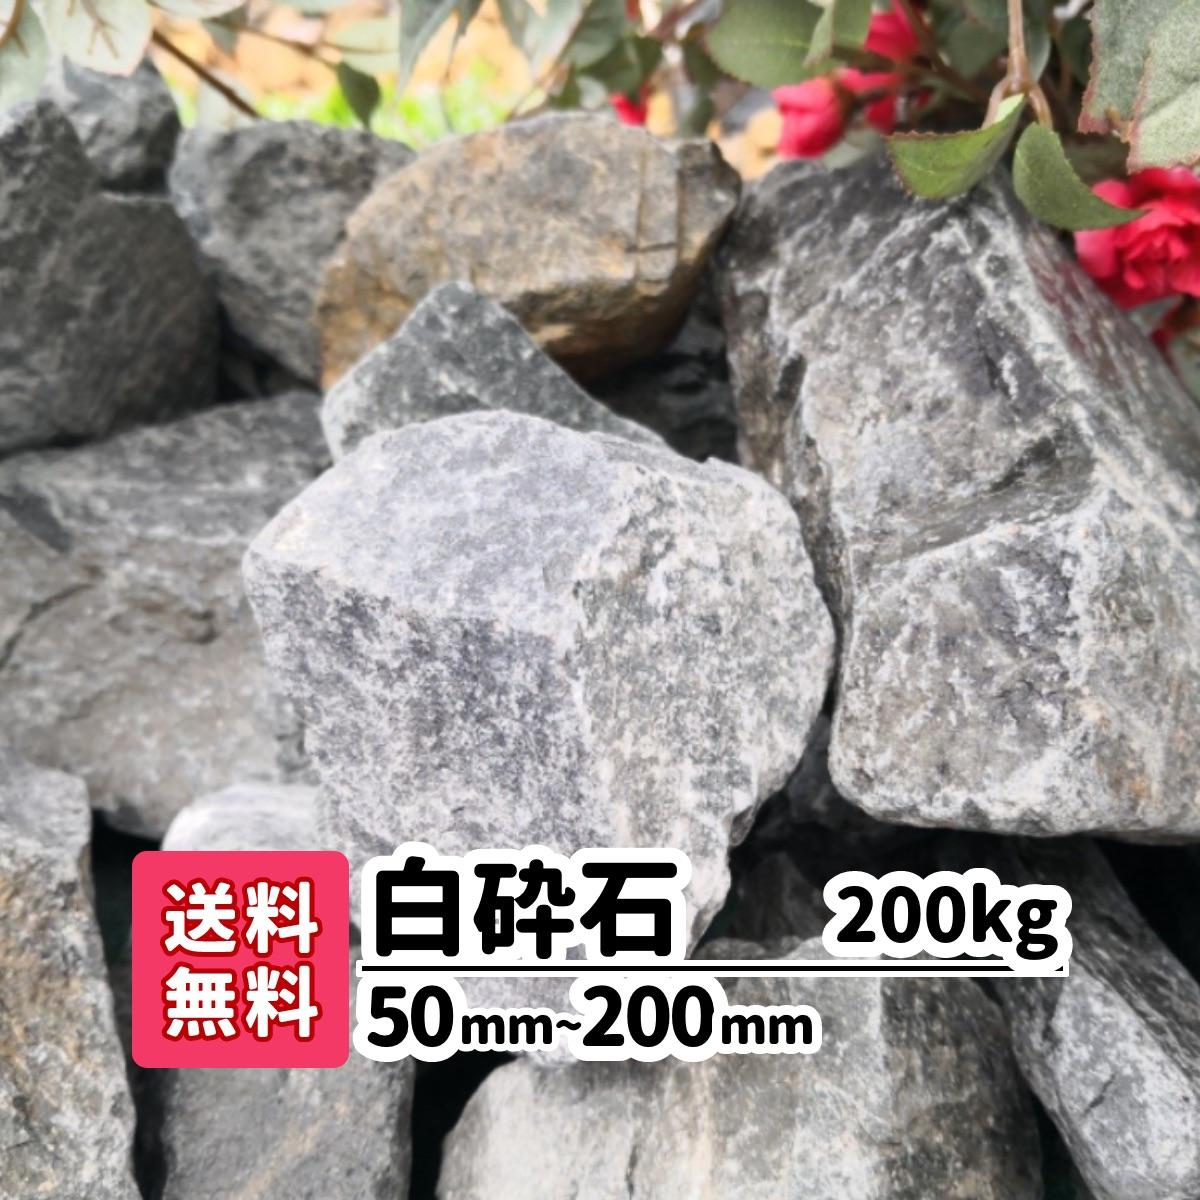 愛知県産の白砕石です。硬い石質で重量感がある大きな石です。全体的に白色で落ち着いた印象のお庭になります。 【送料無料】200kg 白砕石 50mm~200mm ロックガーデン 庭 アプローチ おしゃれ ガーデニング アクアリウム 大きい石 駐車場 洋風 メダカ 熱帯魚 水槽レイアウト 白い石 砂利 ホワイト リフォーム 造園 庭園 園芸 花壇 レイアウト 割栗石